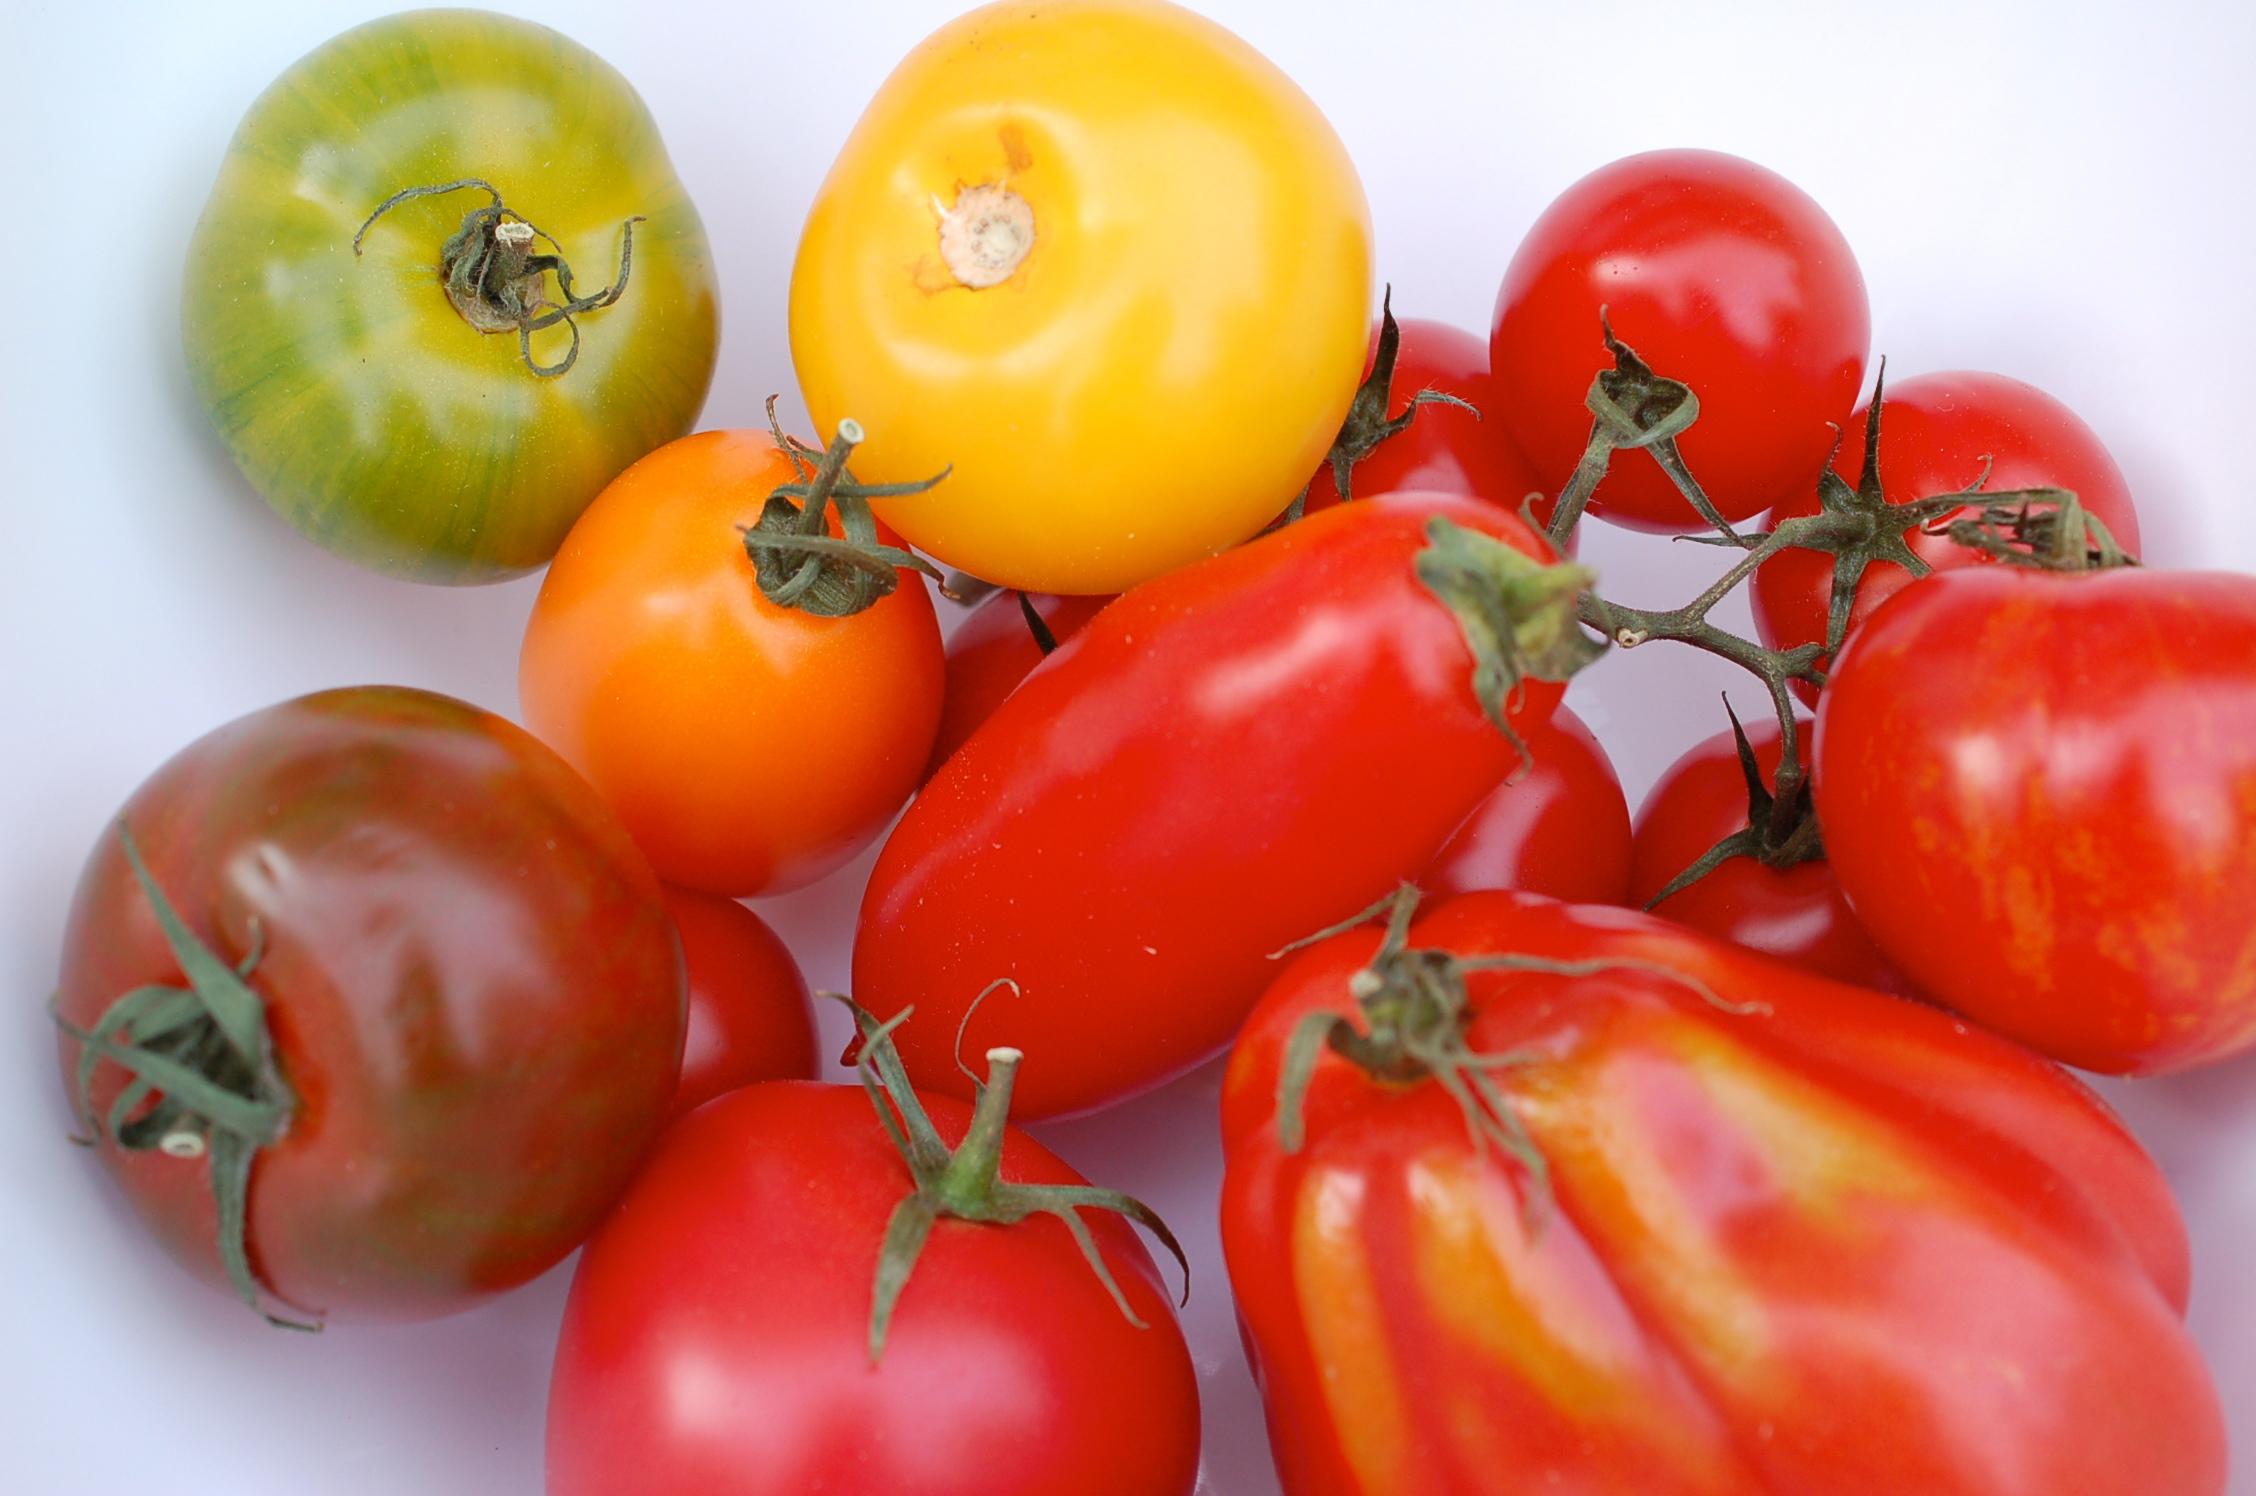 tomatensugo sauce aus frischen tomaten selber machen. Black Bedroom Furniture Sets. Home Design Ideas